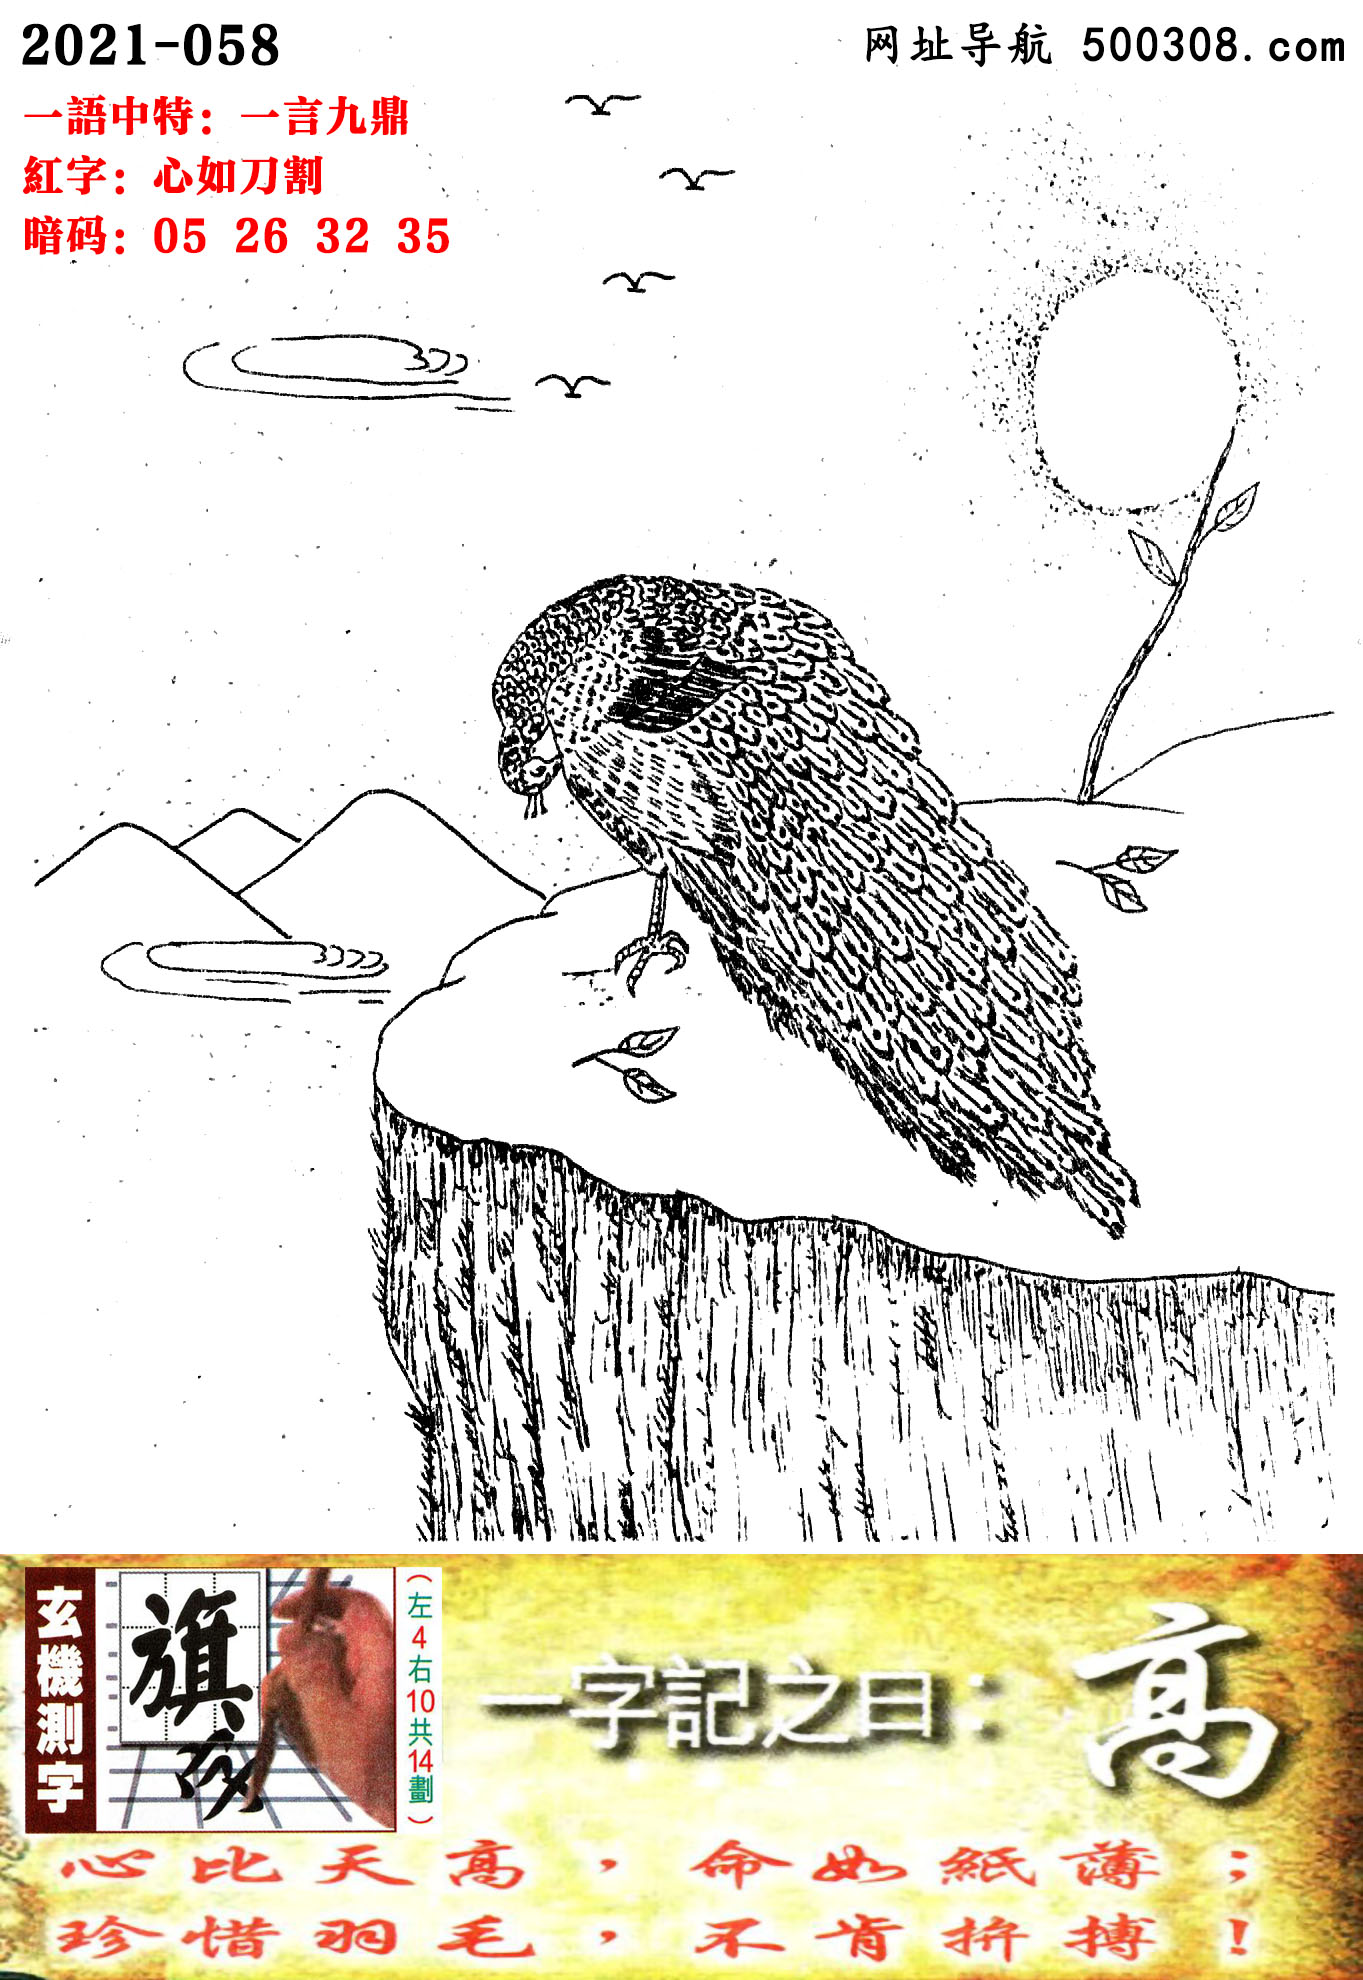 058期跑狗一字�之曰:【高】_心比天高,命如�薄;珍惜羽毛,不肯拼搏!